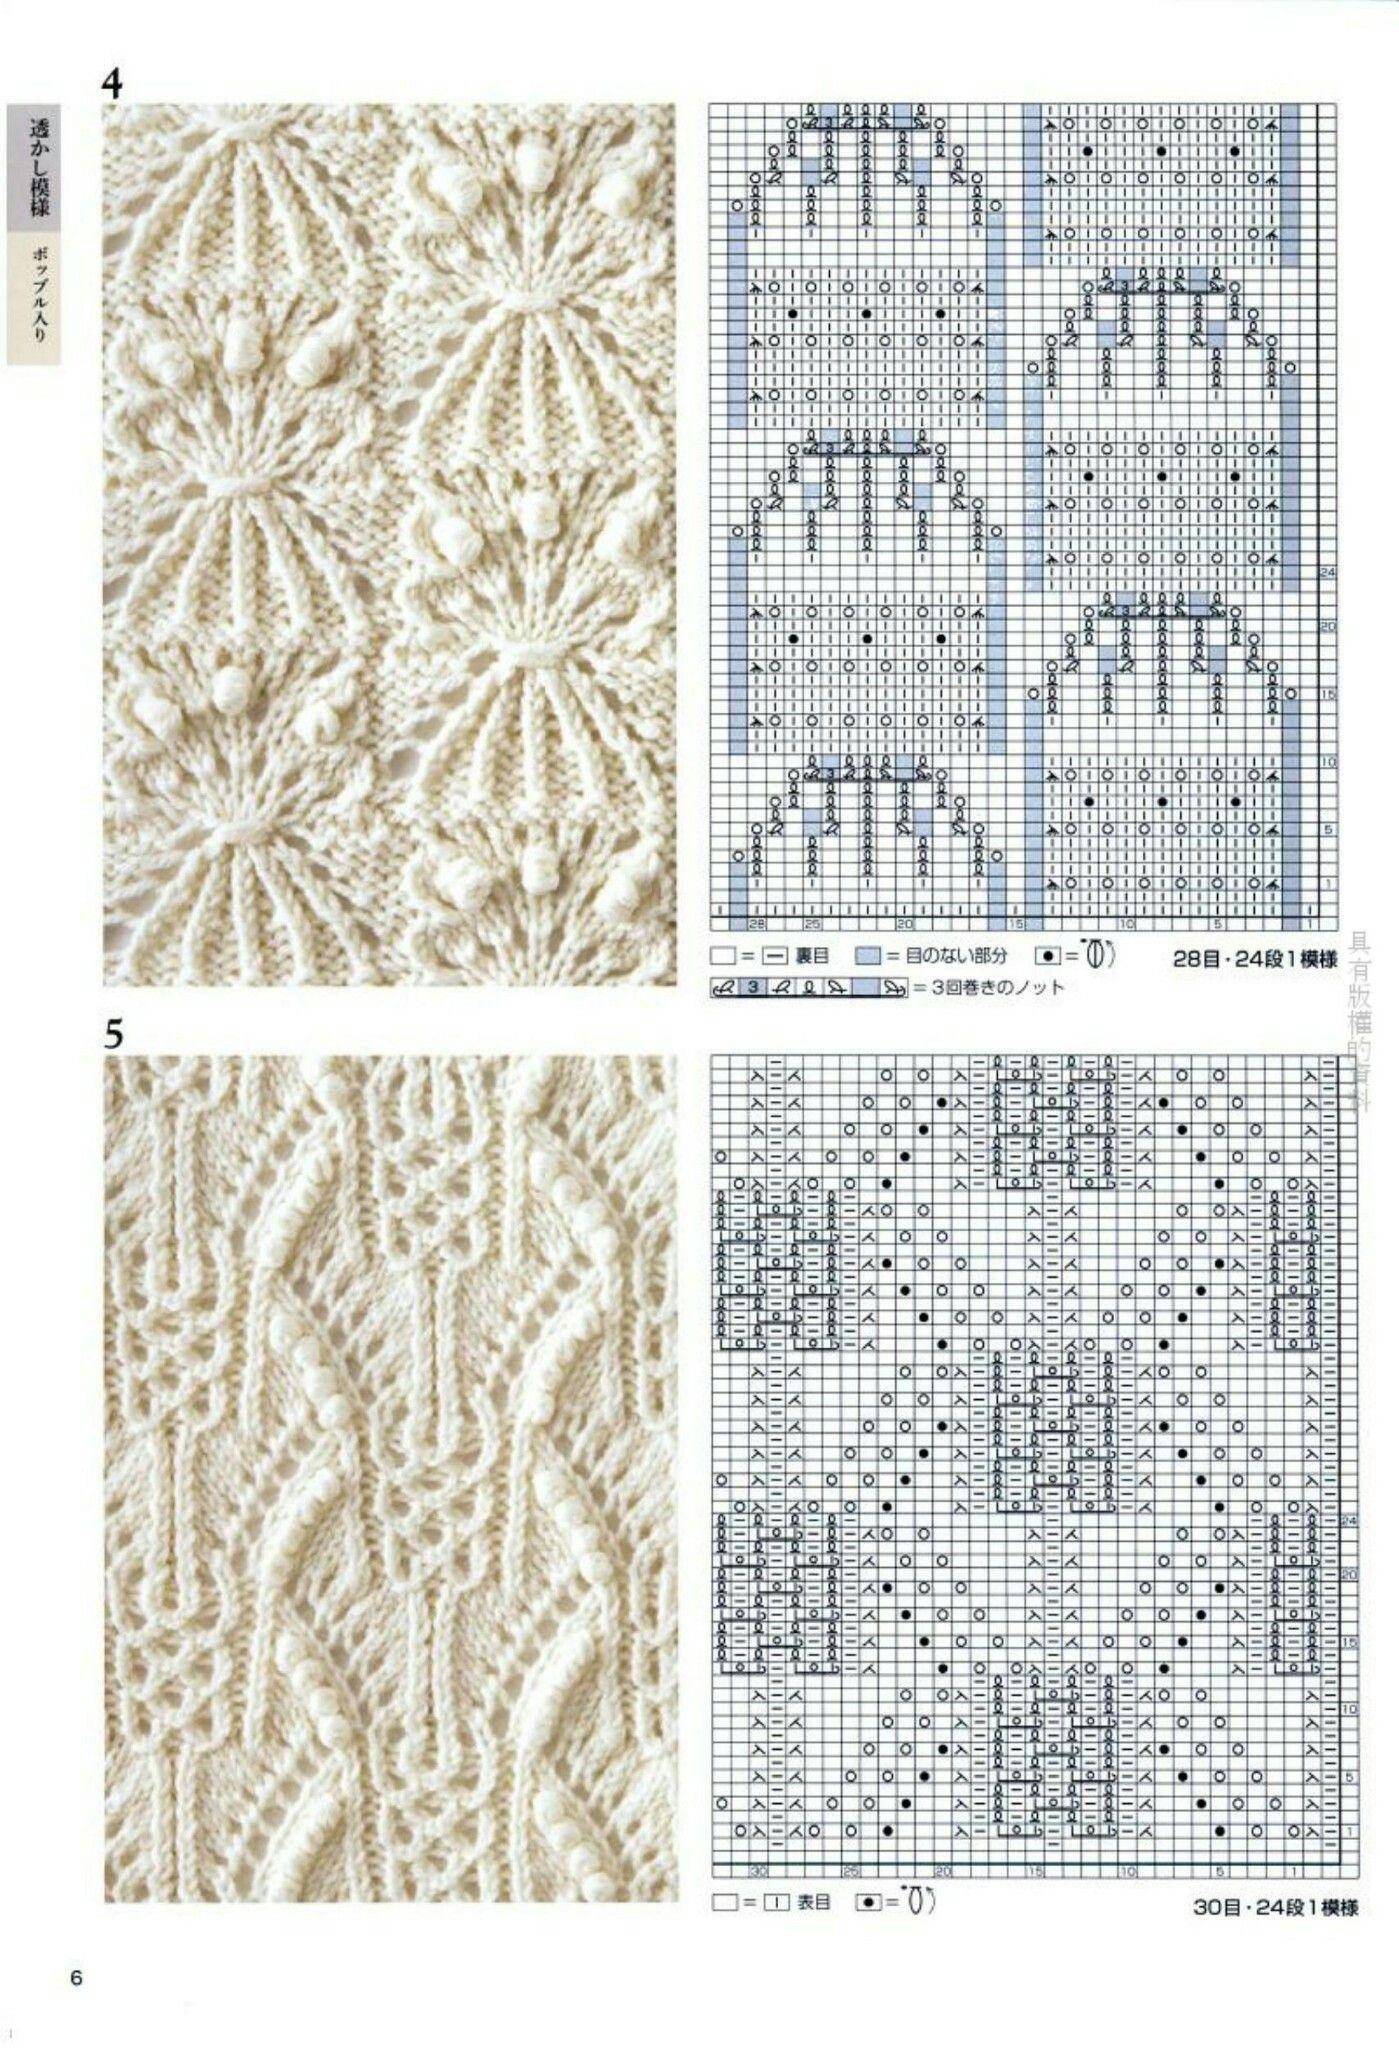 Pin de celi om en tricotado | Pinterest | Ganchillo, Croché y Agujas